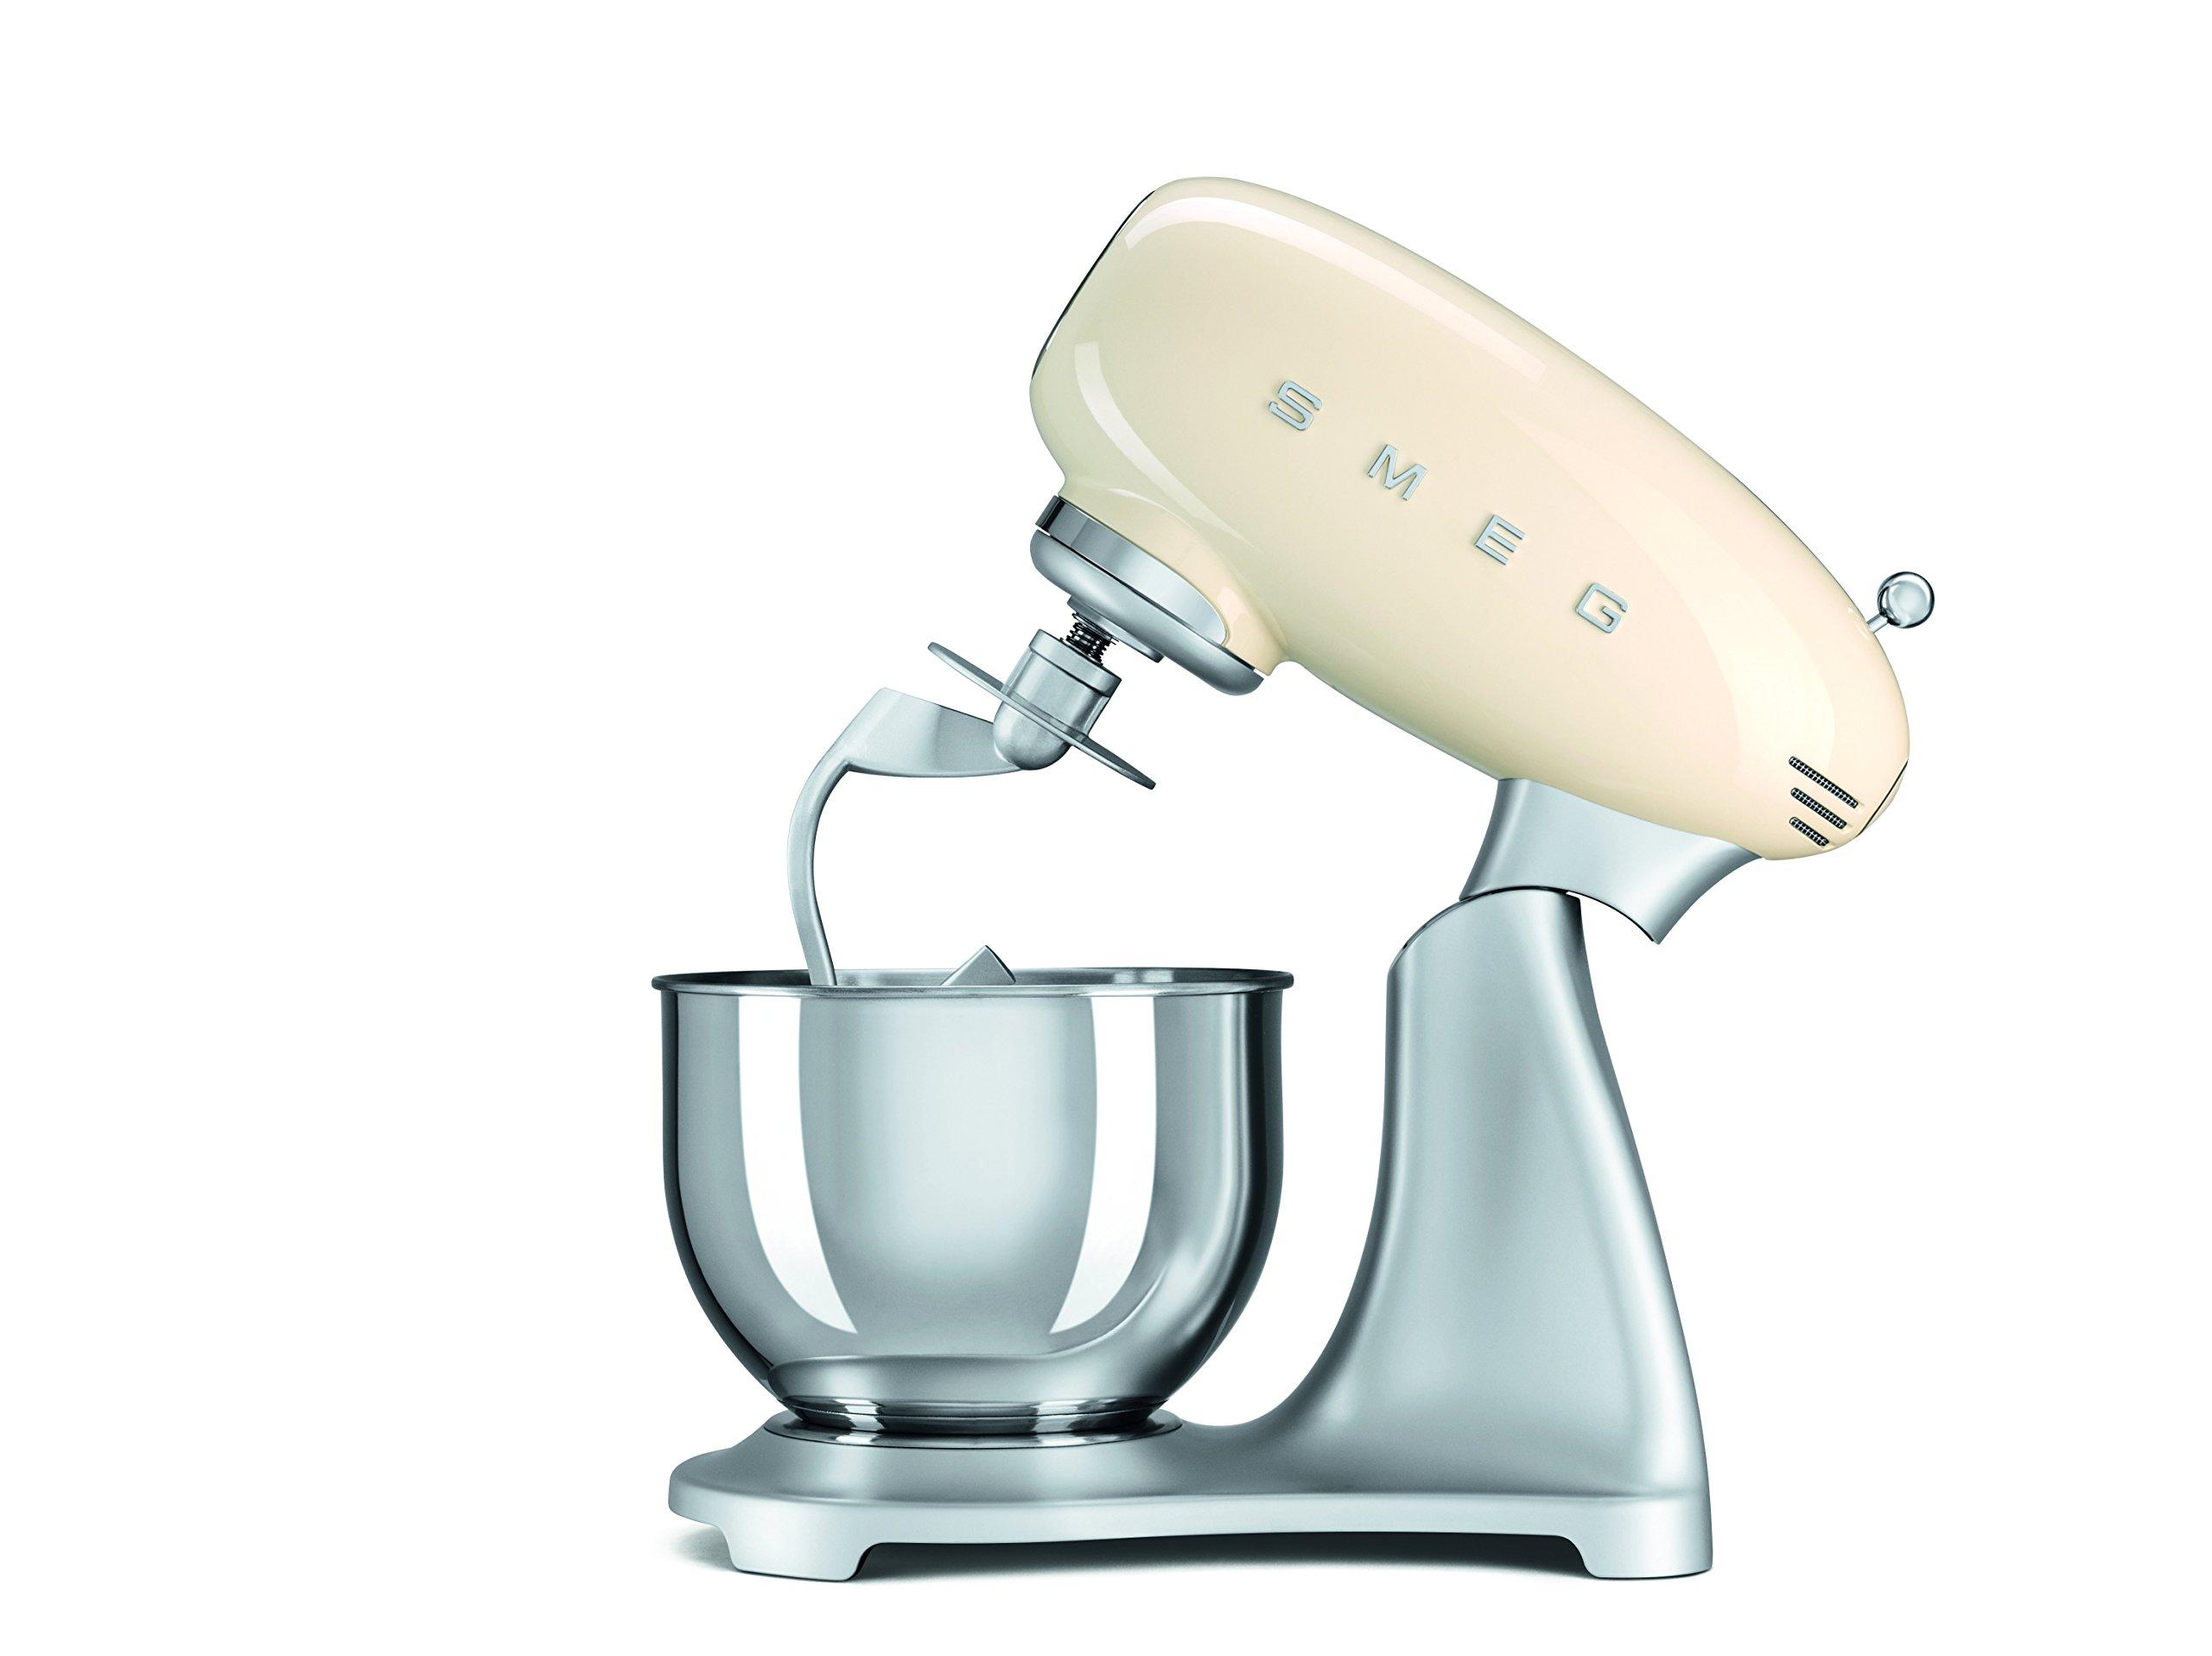 Smeg-SMF01CREU-48-L-Kchenmaschine-creme